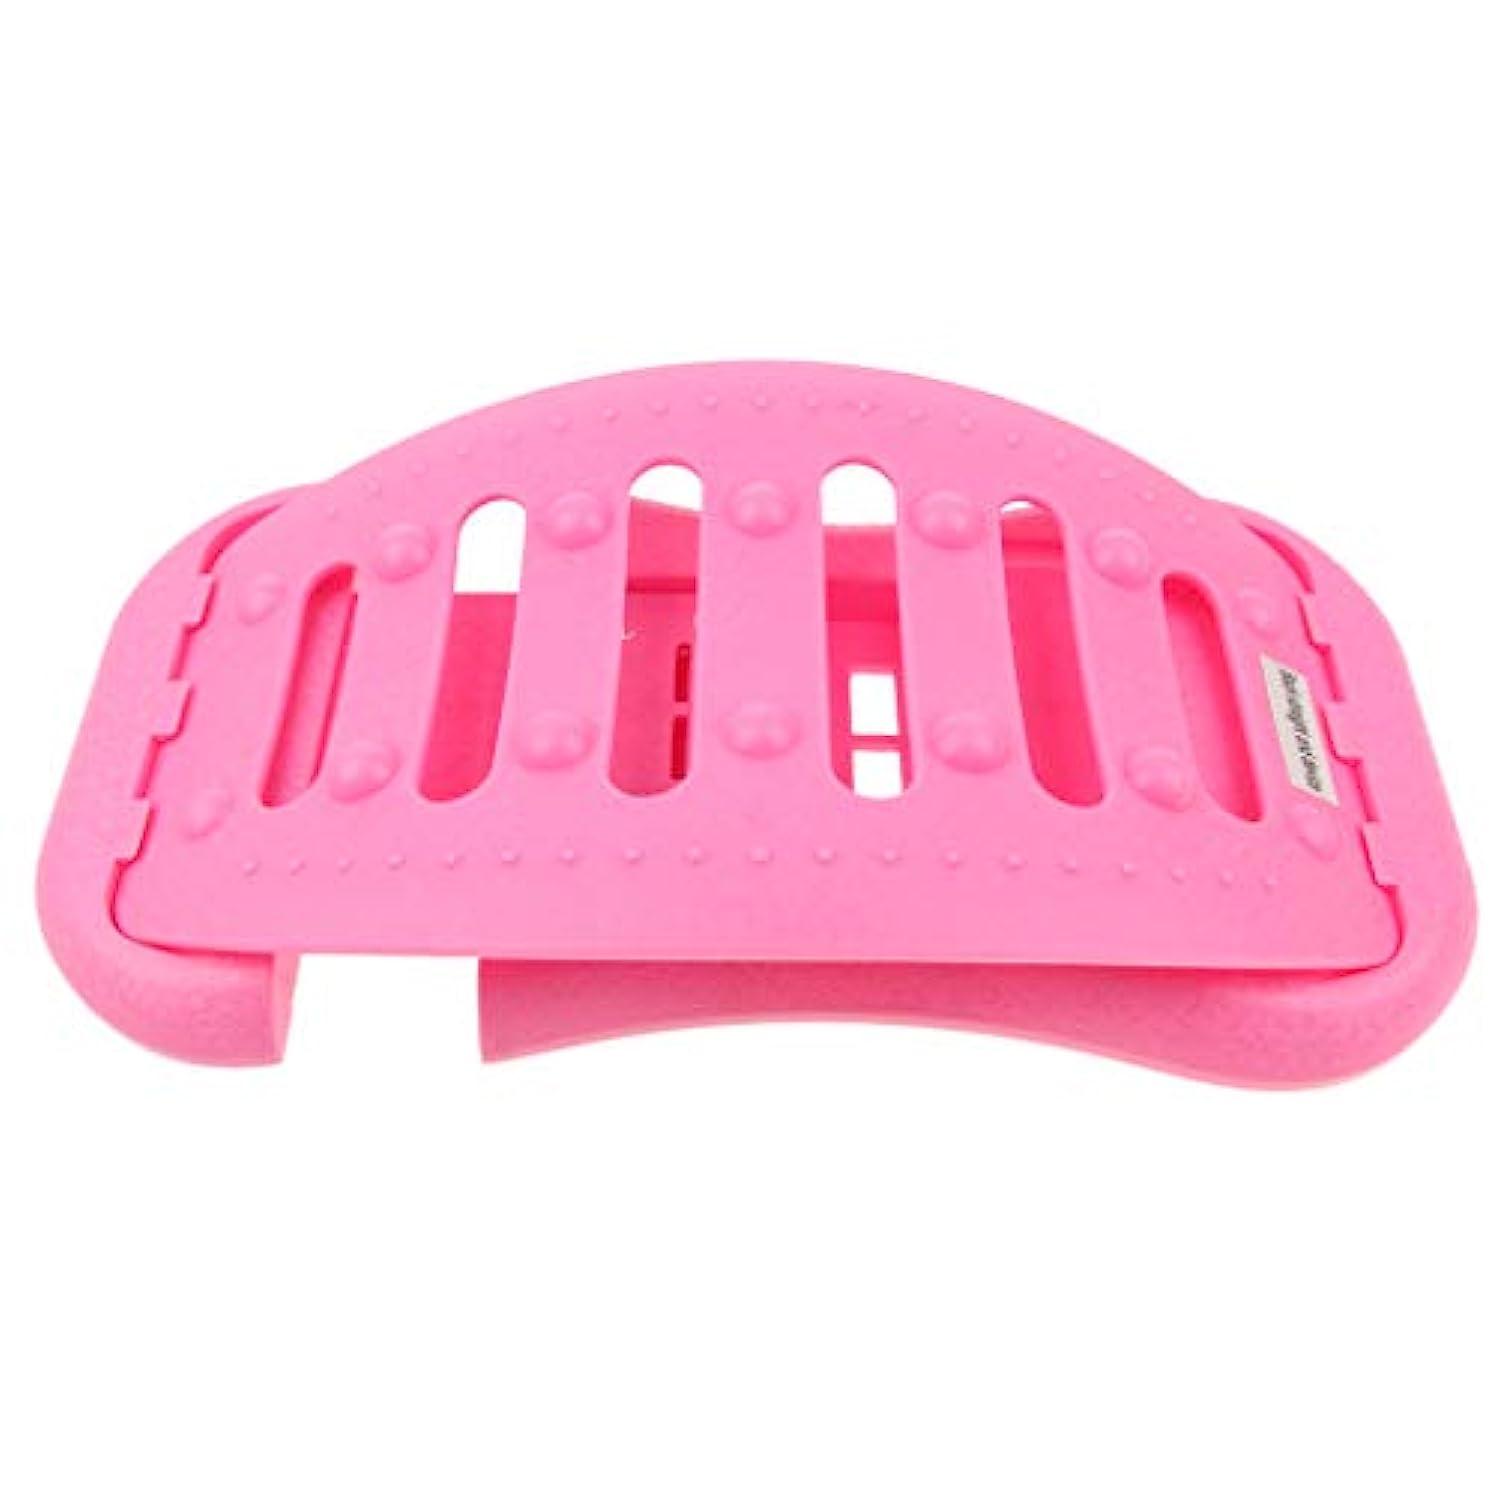 モロニックスコア洗剤調節可能 バック ストレッチャー 背中 ストレッチャー ストレッチ装置 耐久性ある 全2色 - ピンク